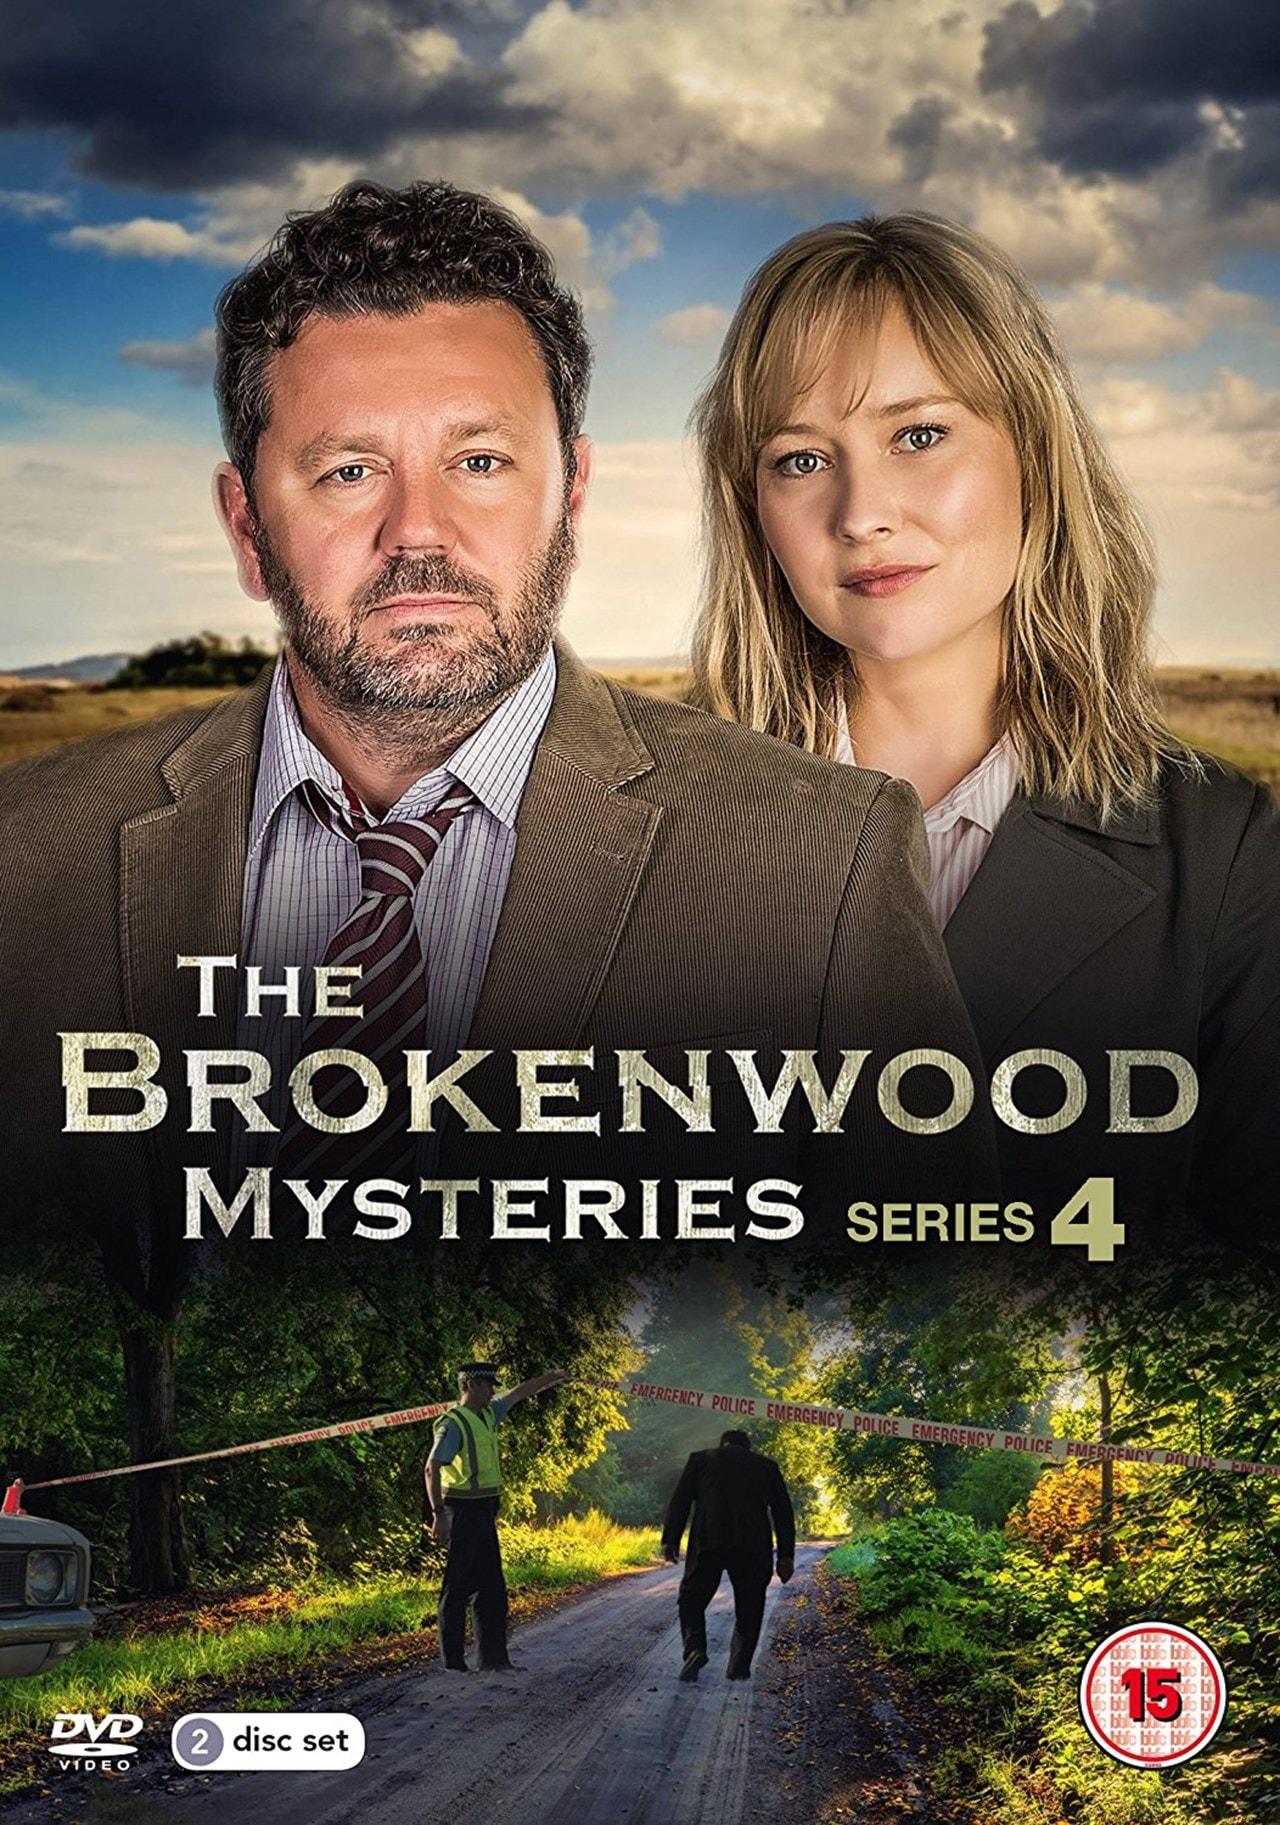 The Brokenwood Mysteries: Series 4 - 1